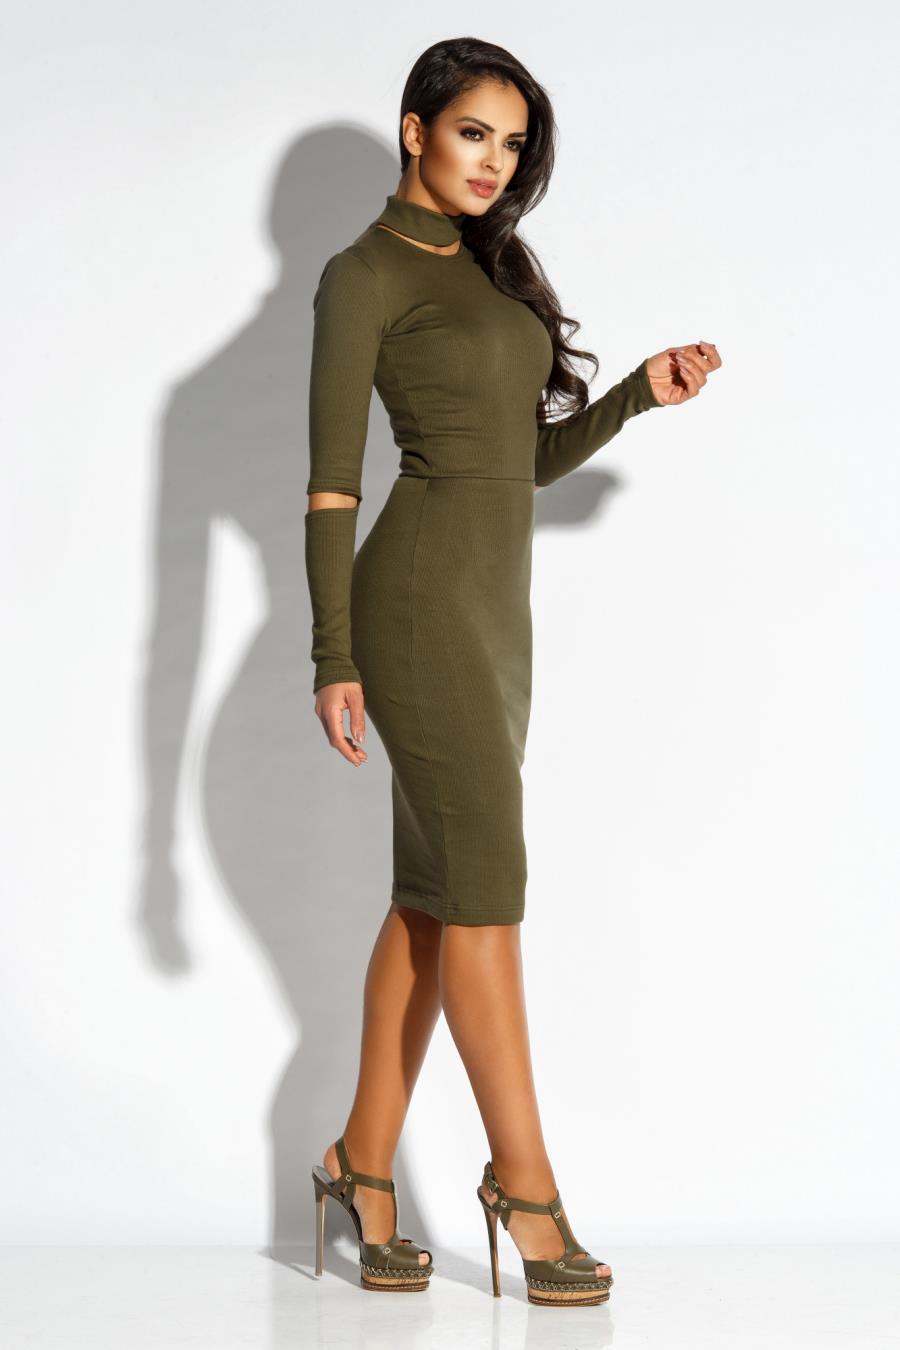 83d2a865 Dzianinowa Elegancka Sukienka Olwikowa Rico